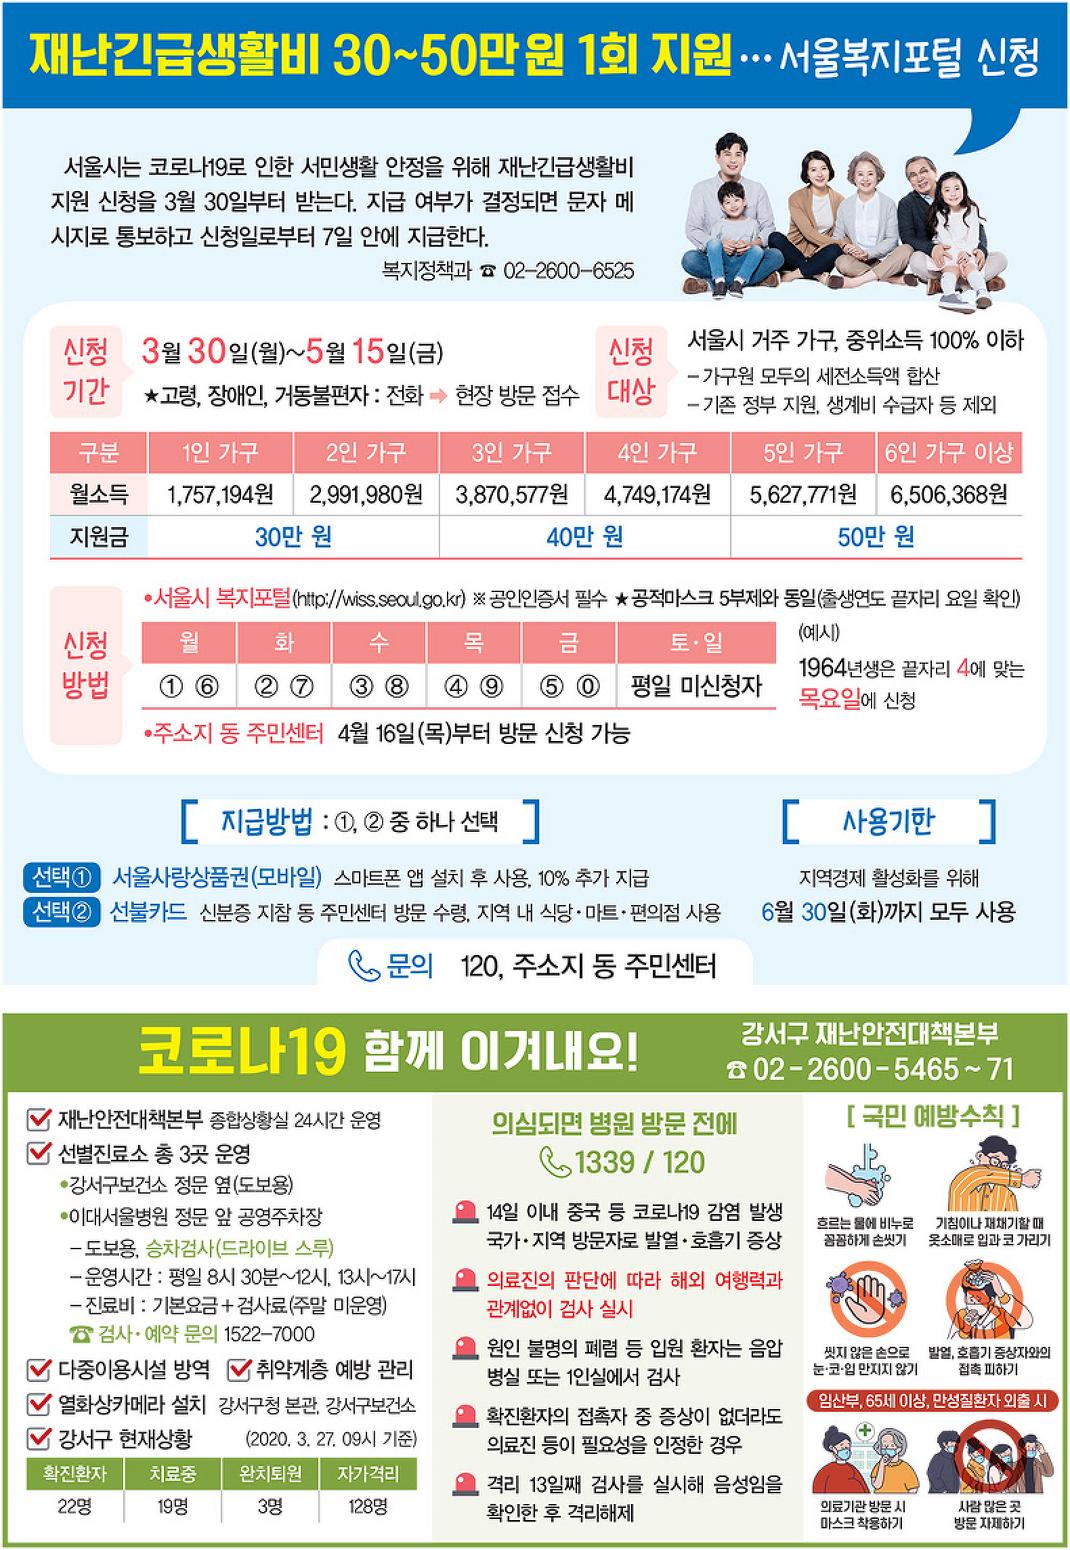 [재난긴급생활비] 서울시 재난긴급생활비 신청하세요!